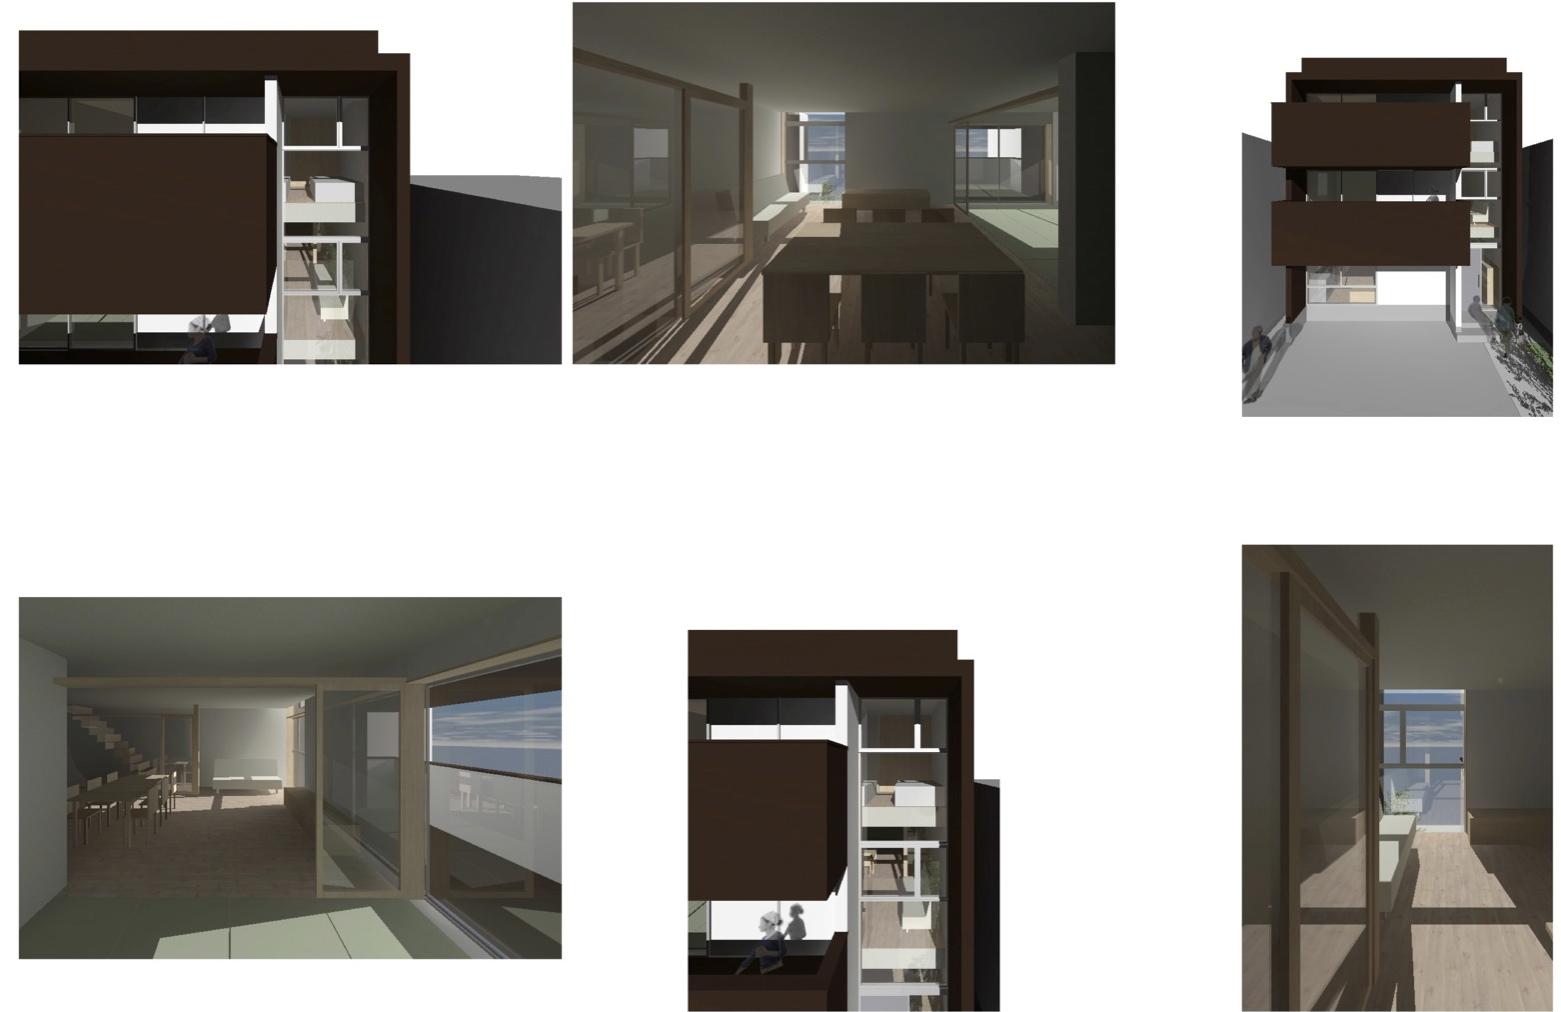 大阪府大阪市 M-House計画案!_f0165030_1604983.jpg